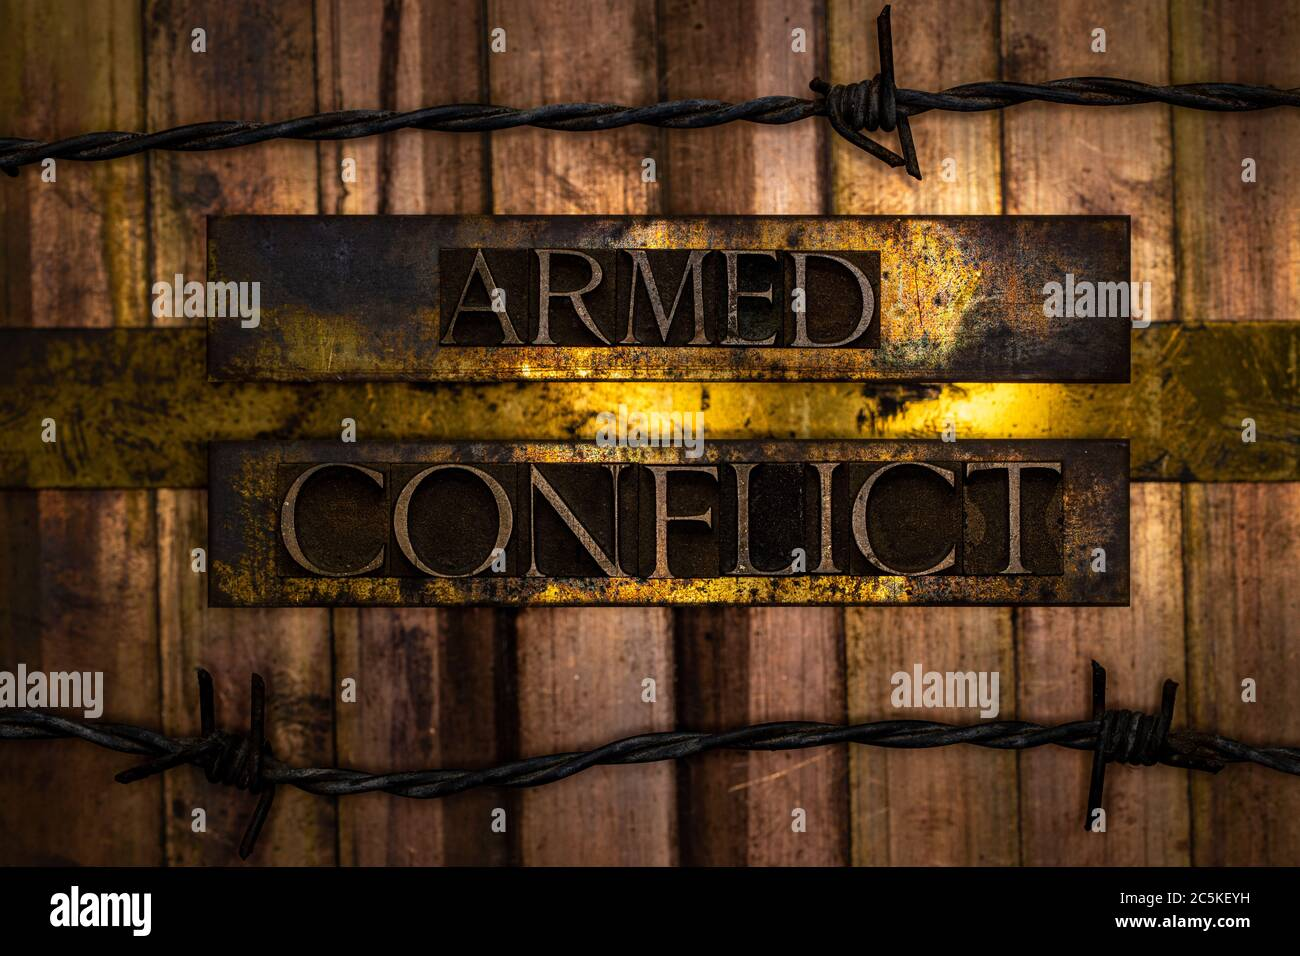 Texto de conflicto armado formado con auténticas cartas de composición auténtica sobre gris vintage de plata texturizada cobre y fondo de oro con alambre de barbo Foto de stock